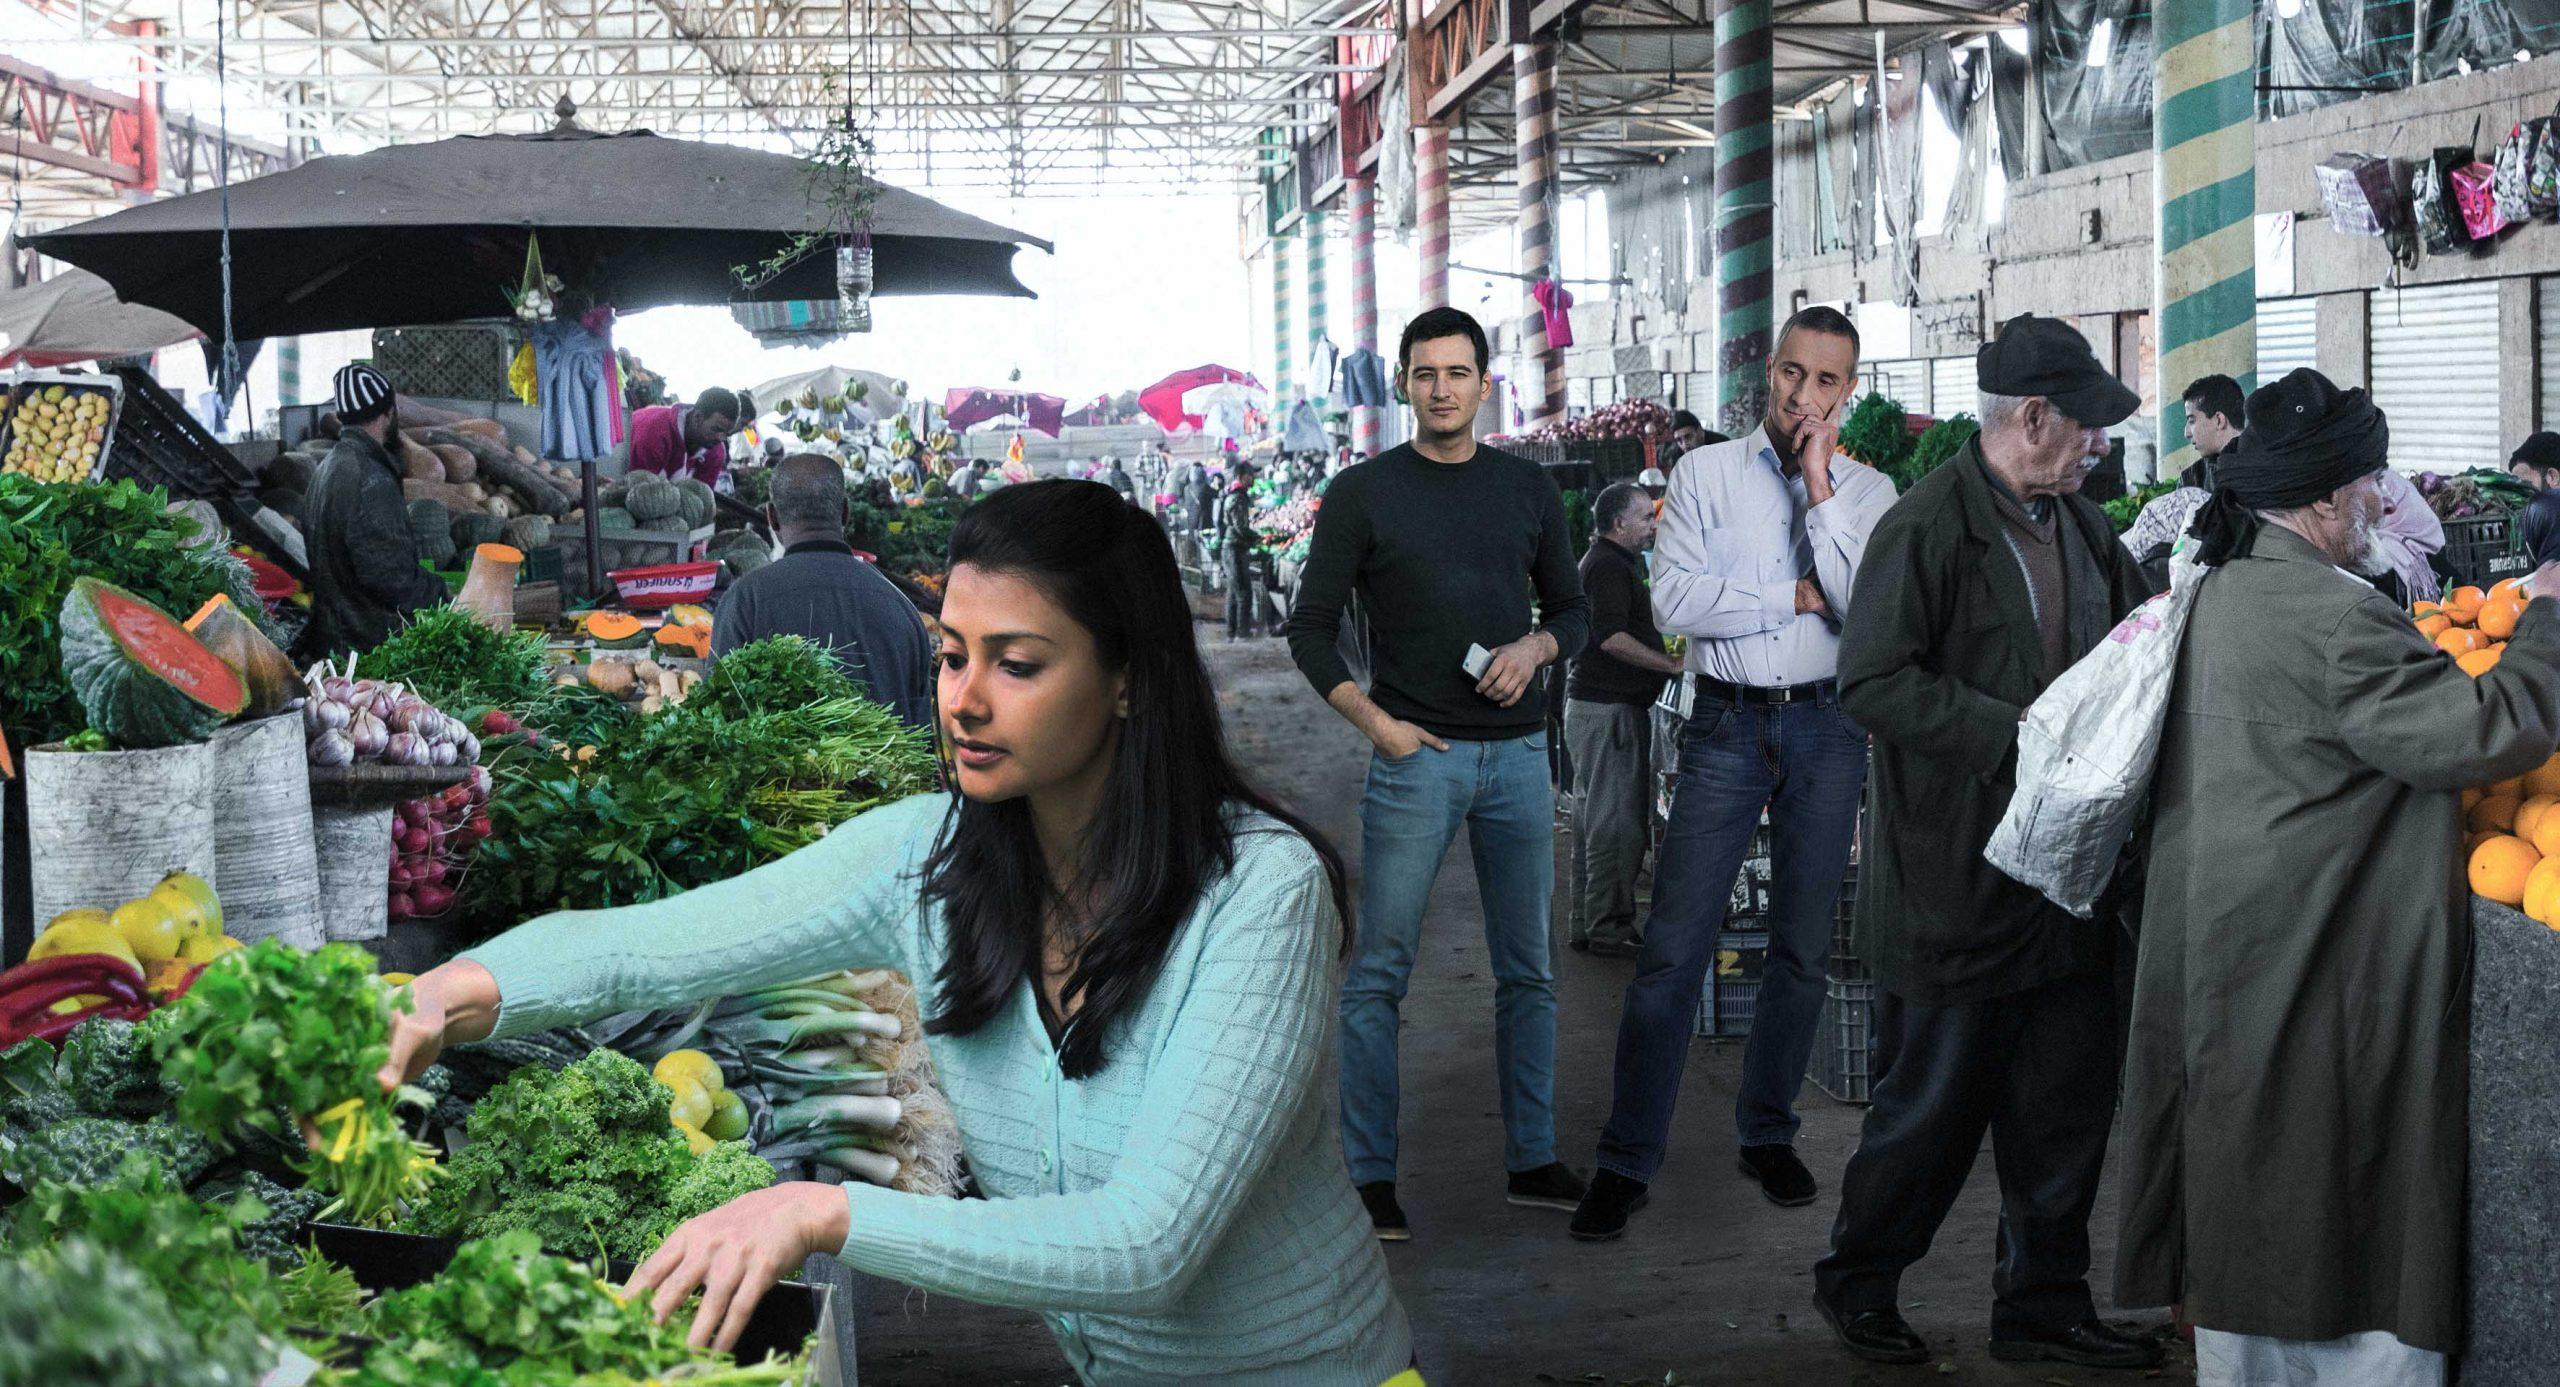 صورة عاجل: أنباء عن خروج مطَلَّقَة لشراء البقدونس